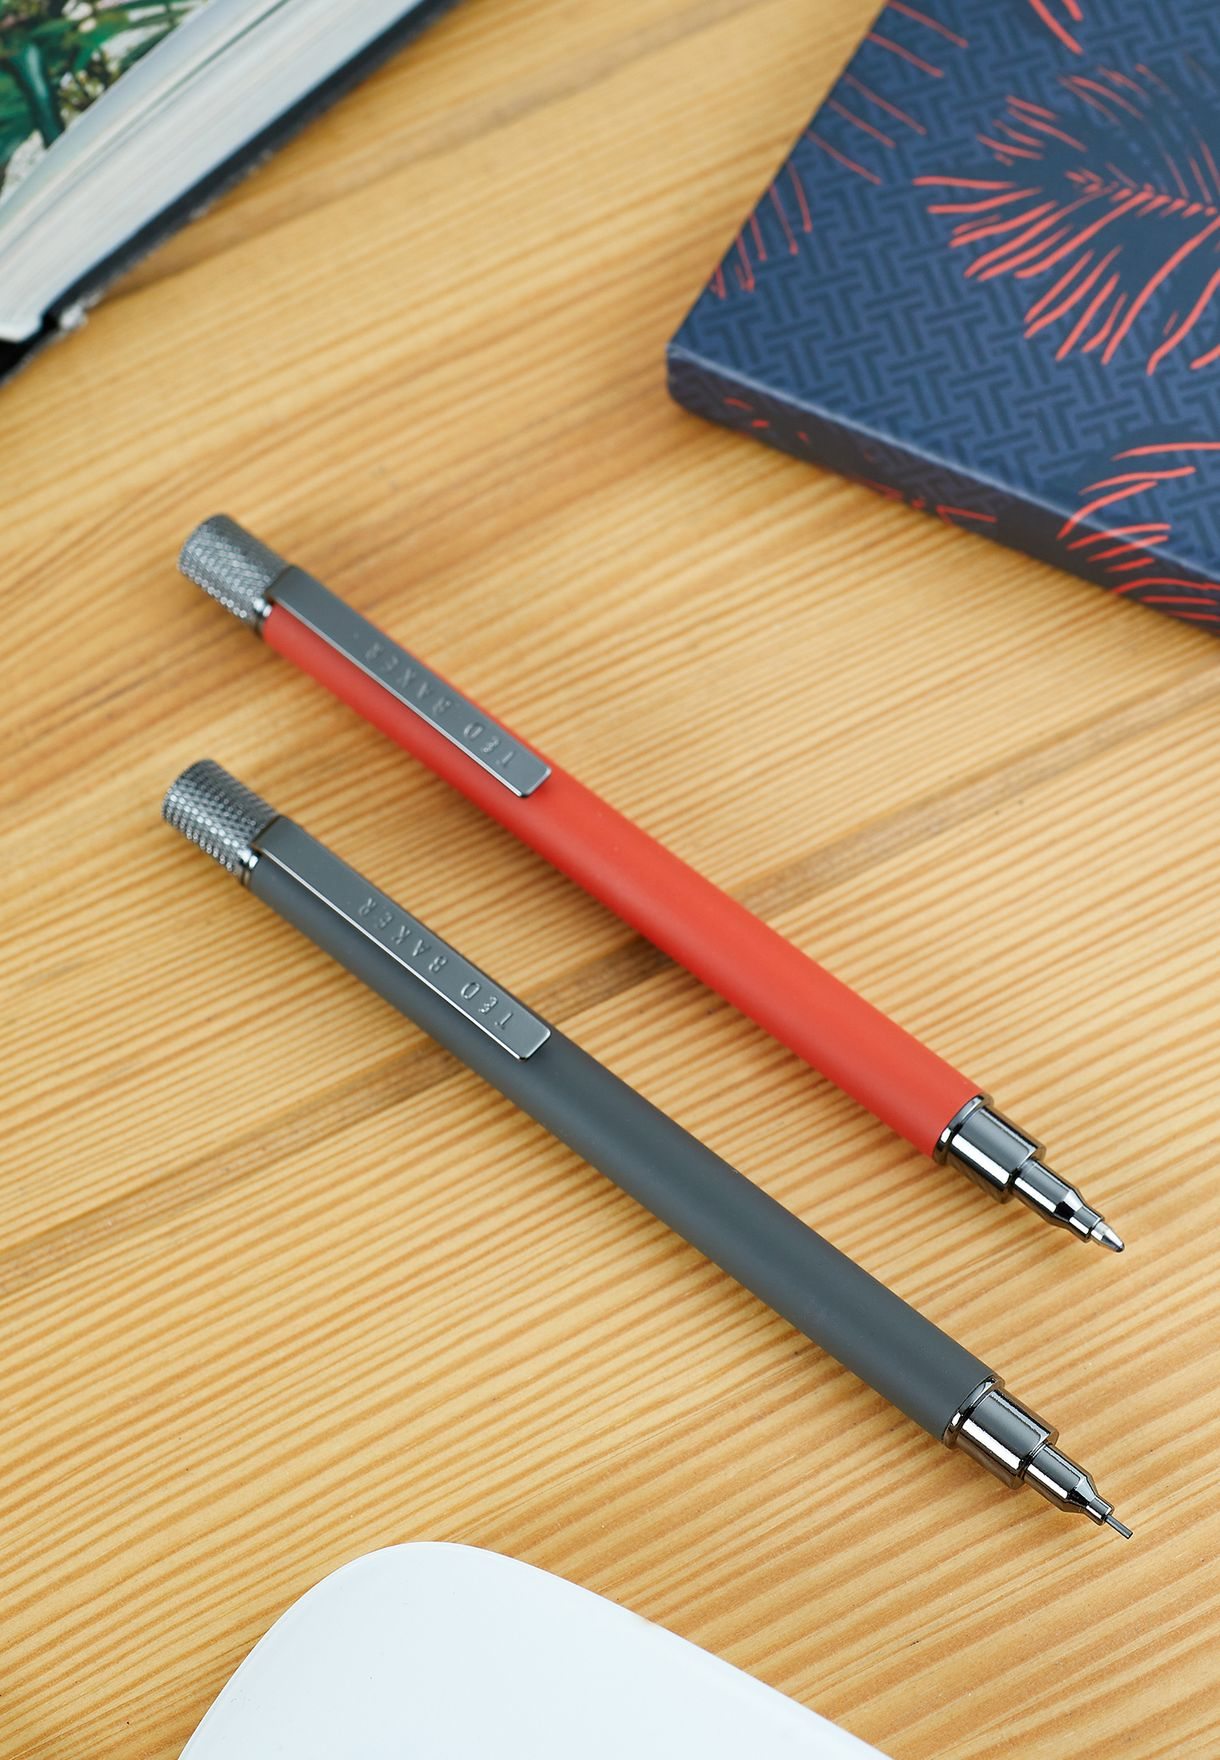 قلم حبر وقلم رصاص